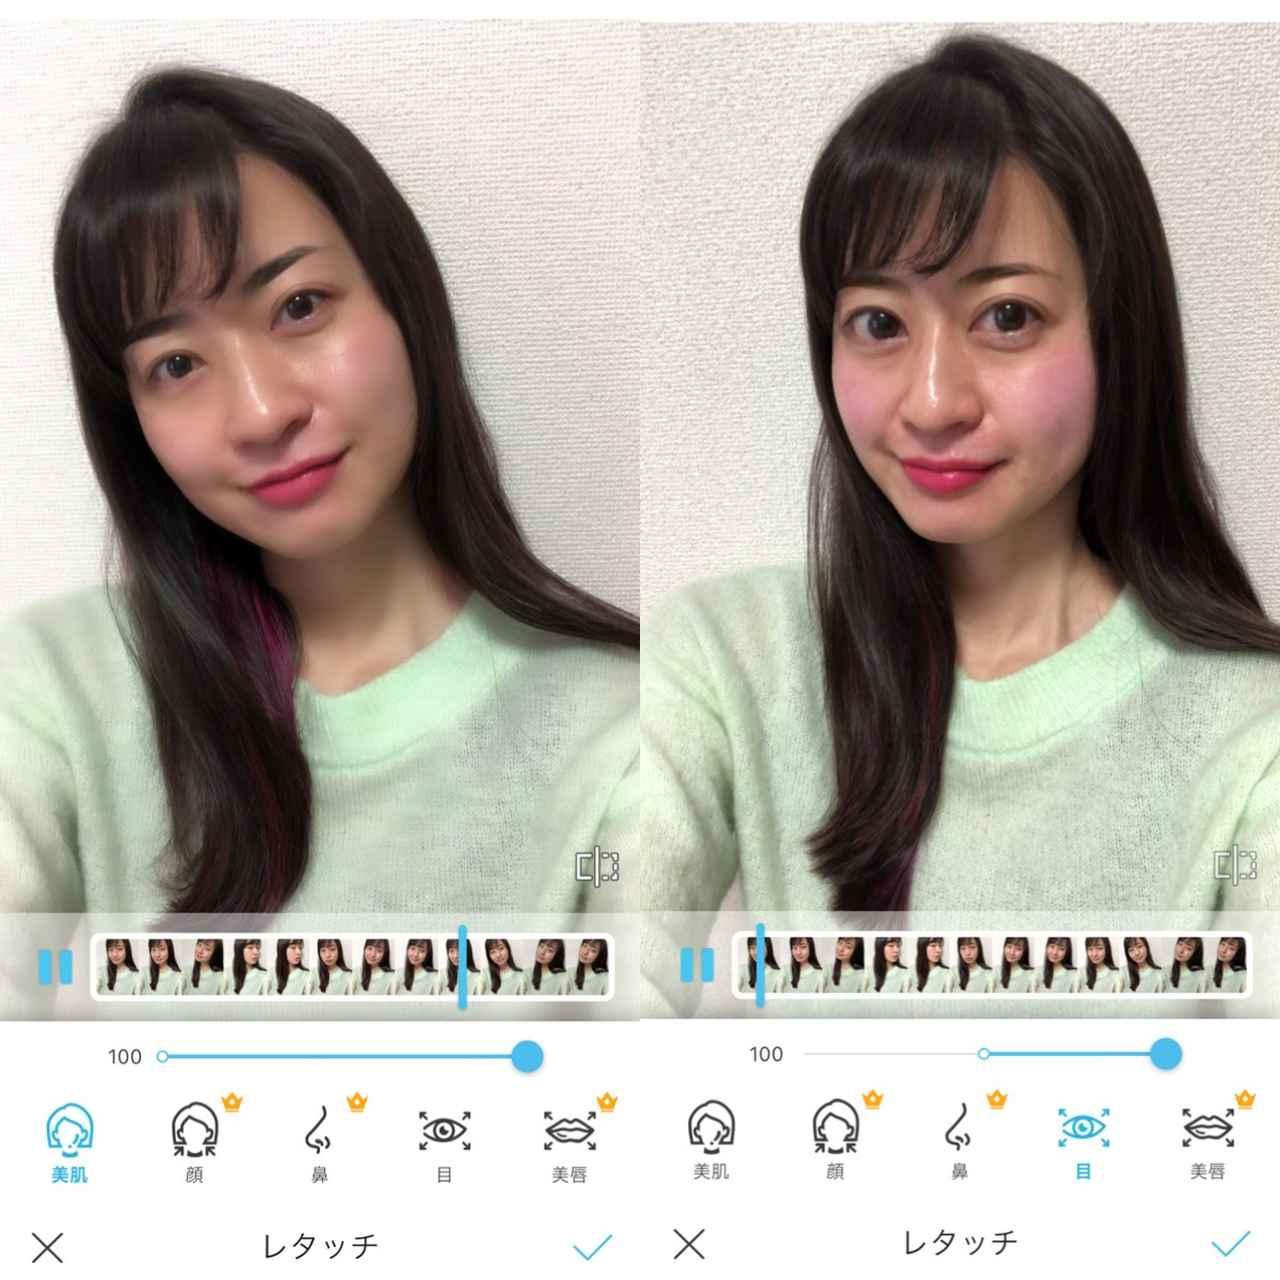 画像2: リップの色や眉毛など、自分でカスタマイズしてメイクやレタッチも可能。